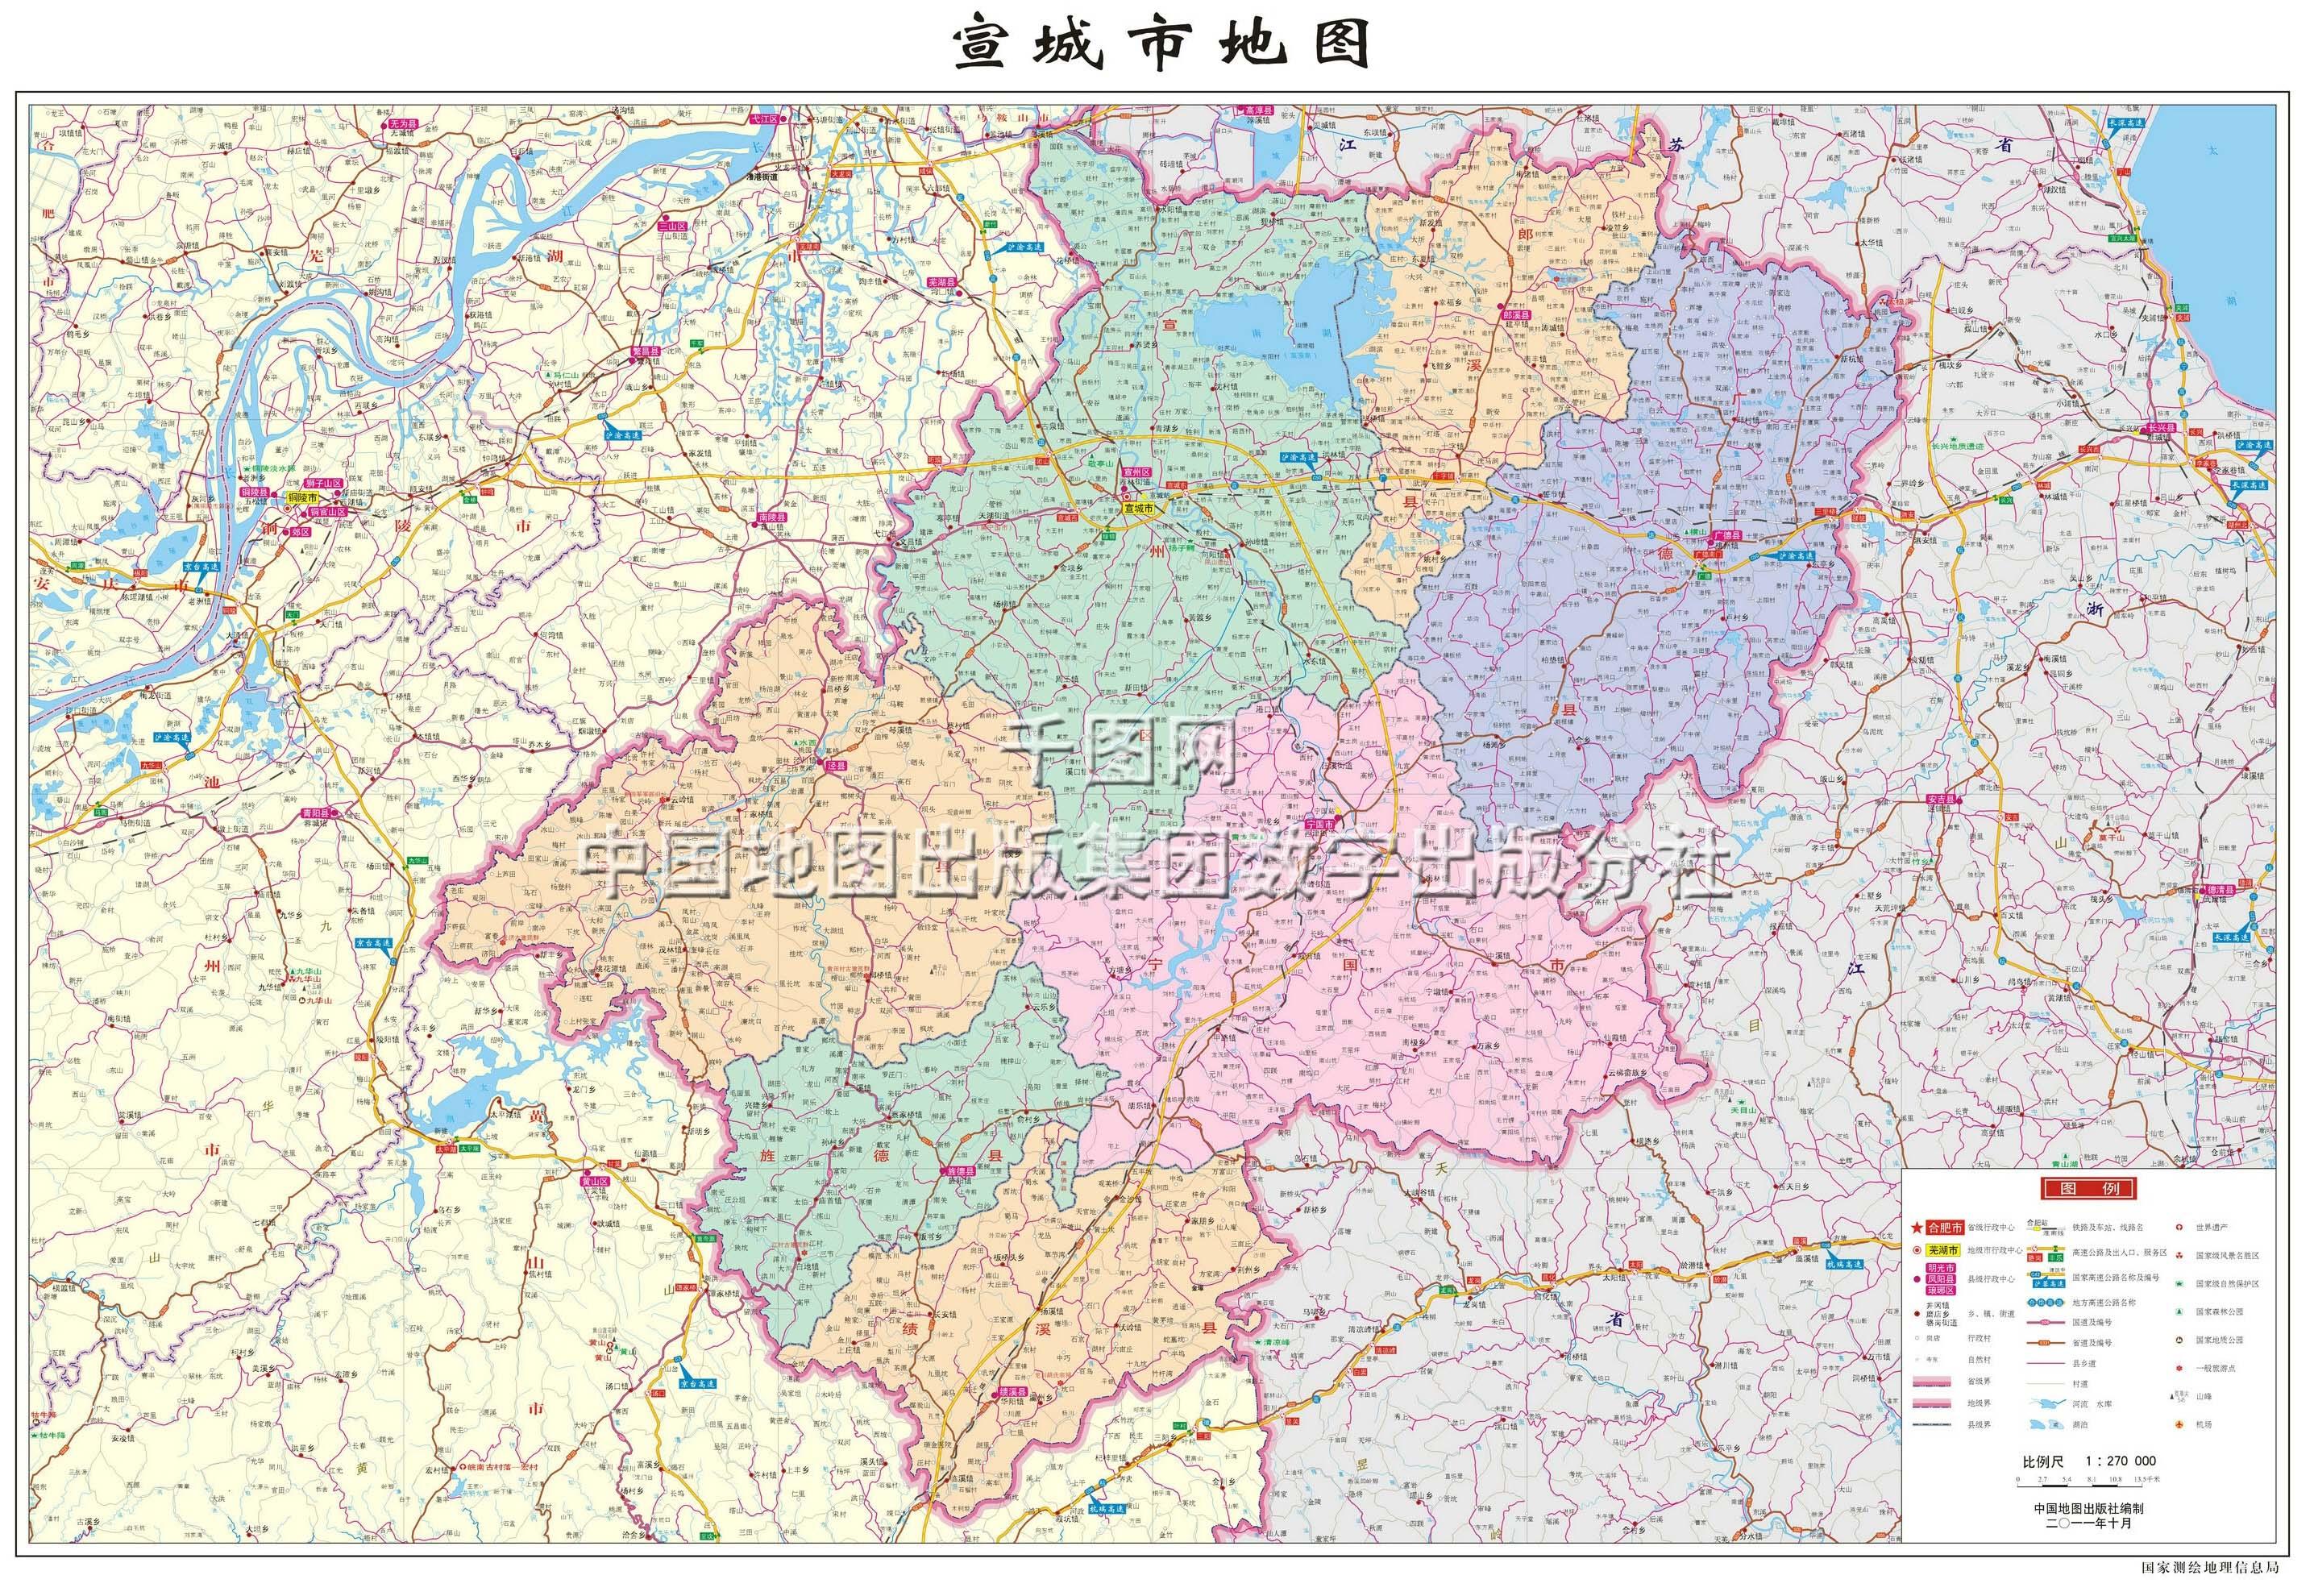 宣城市地图_宣城市地图查询